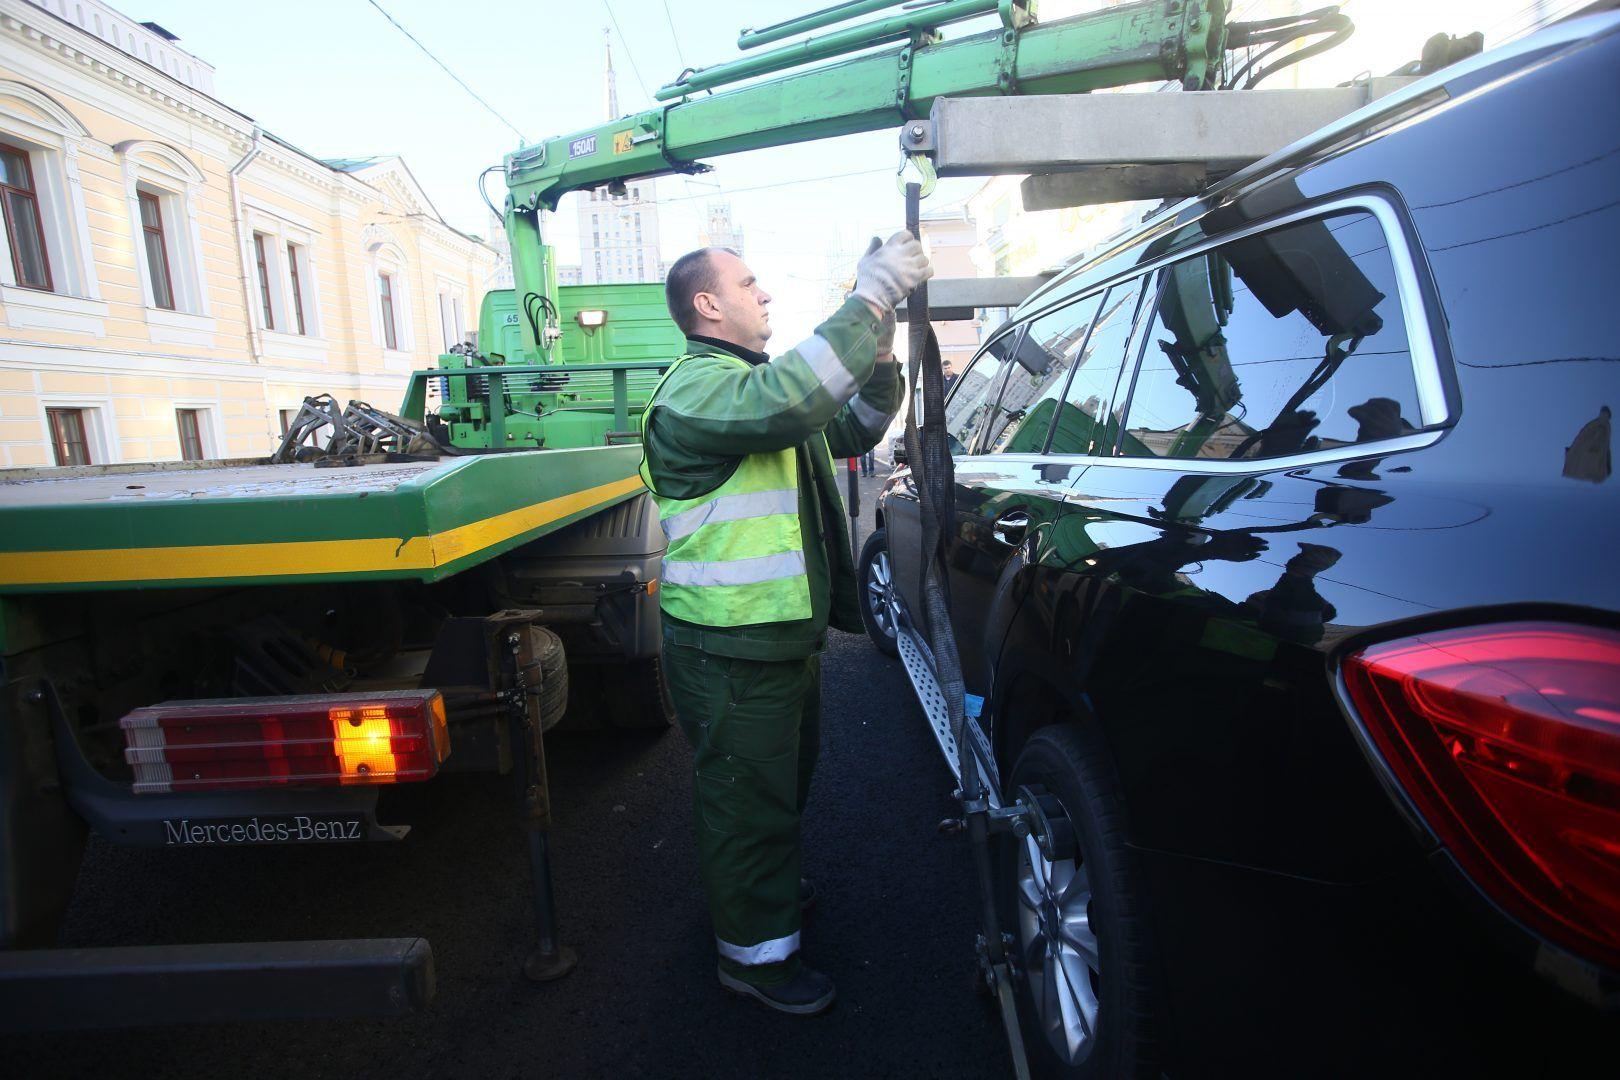 Робот помогает москвичам быстрее получать информацию об автомобиле. Фото: Антон Гердо